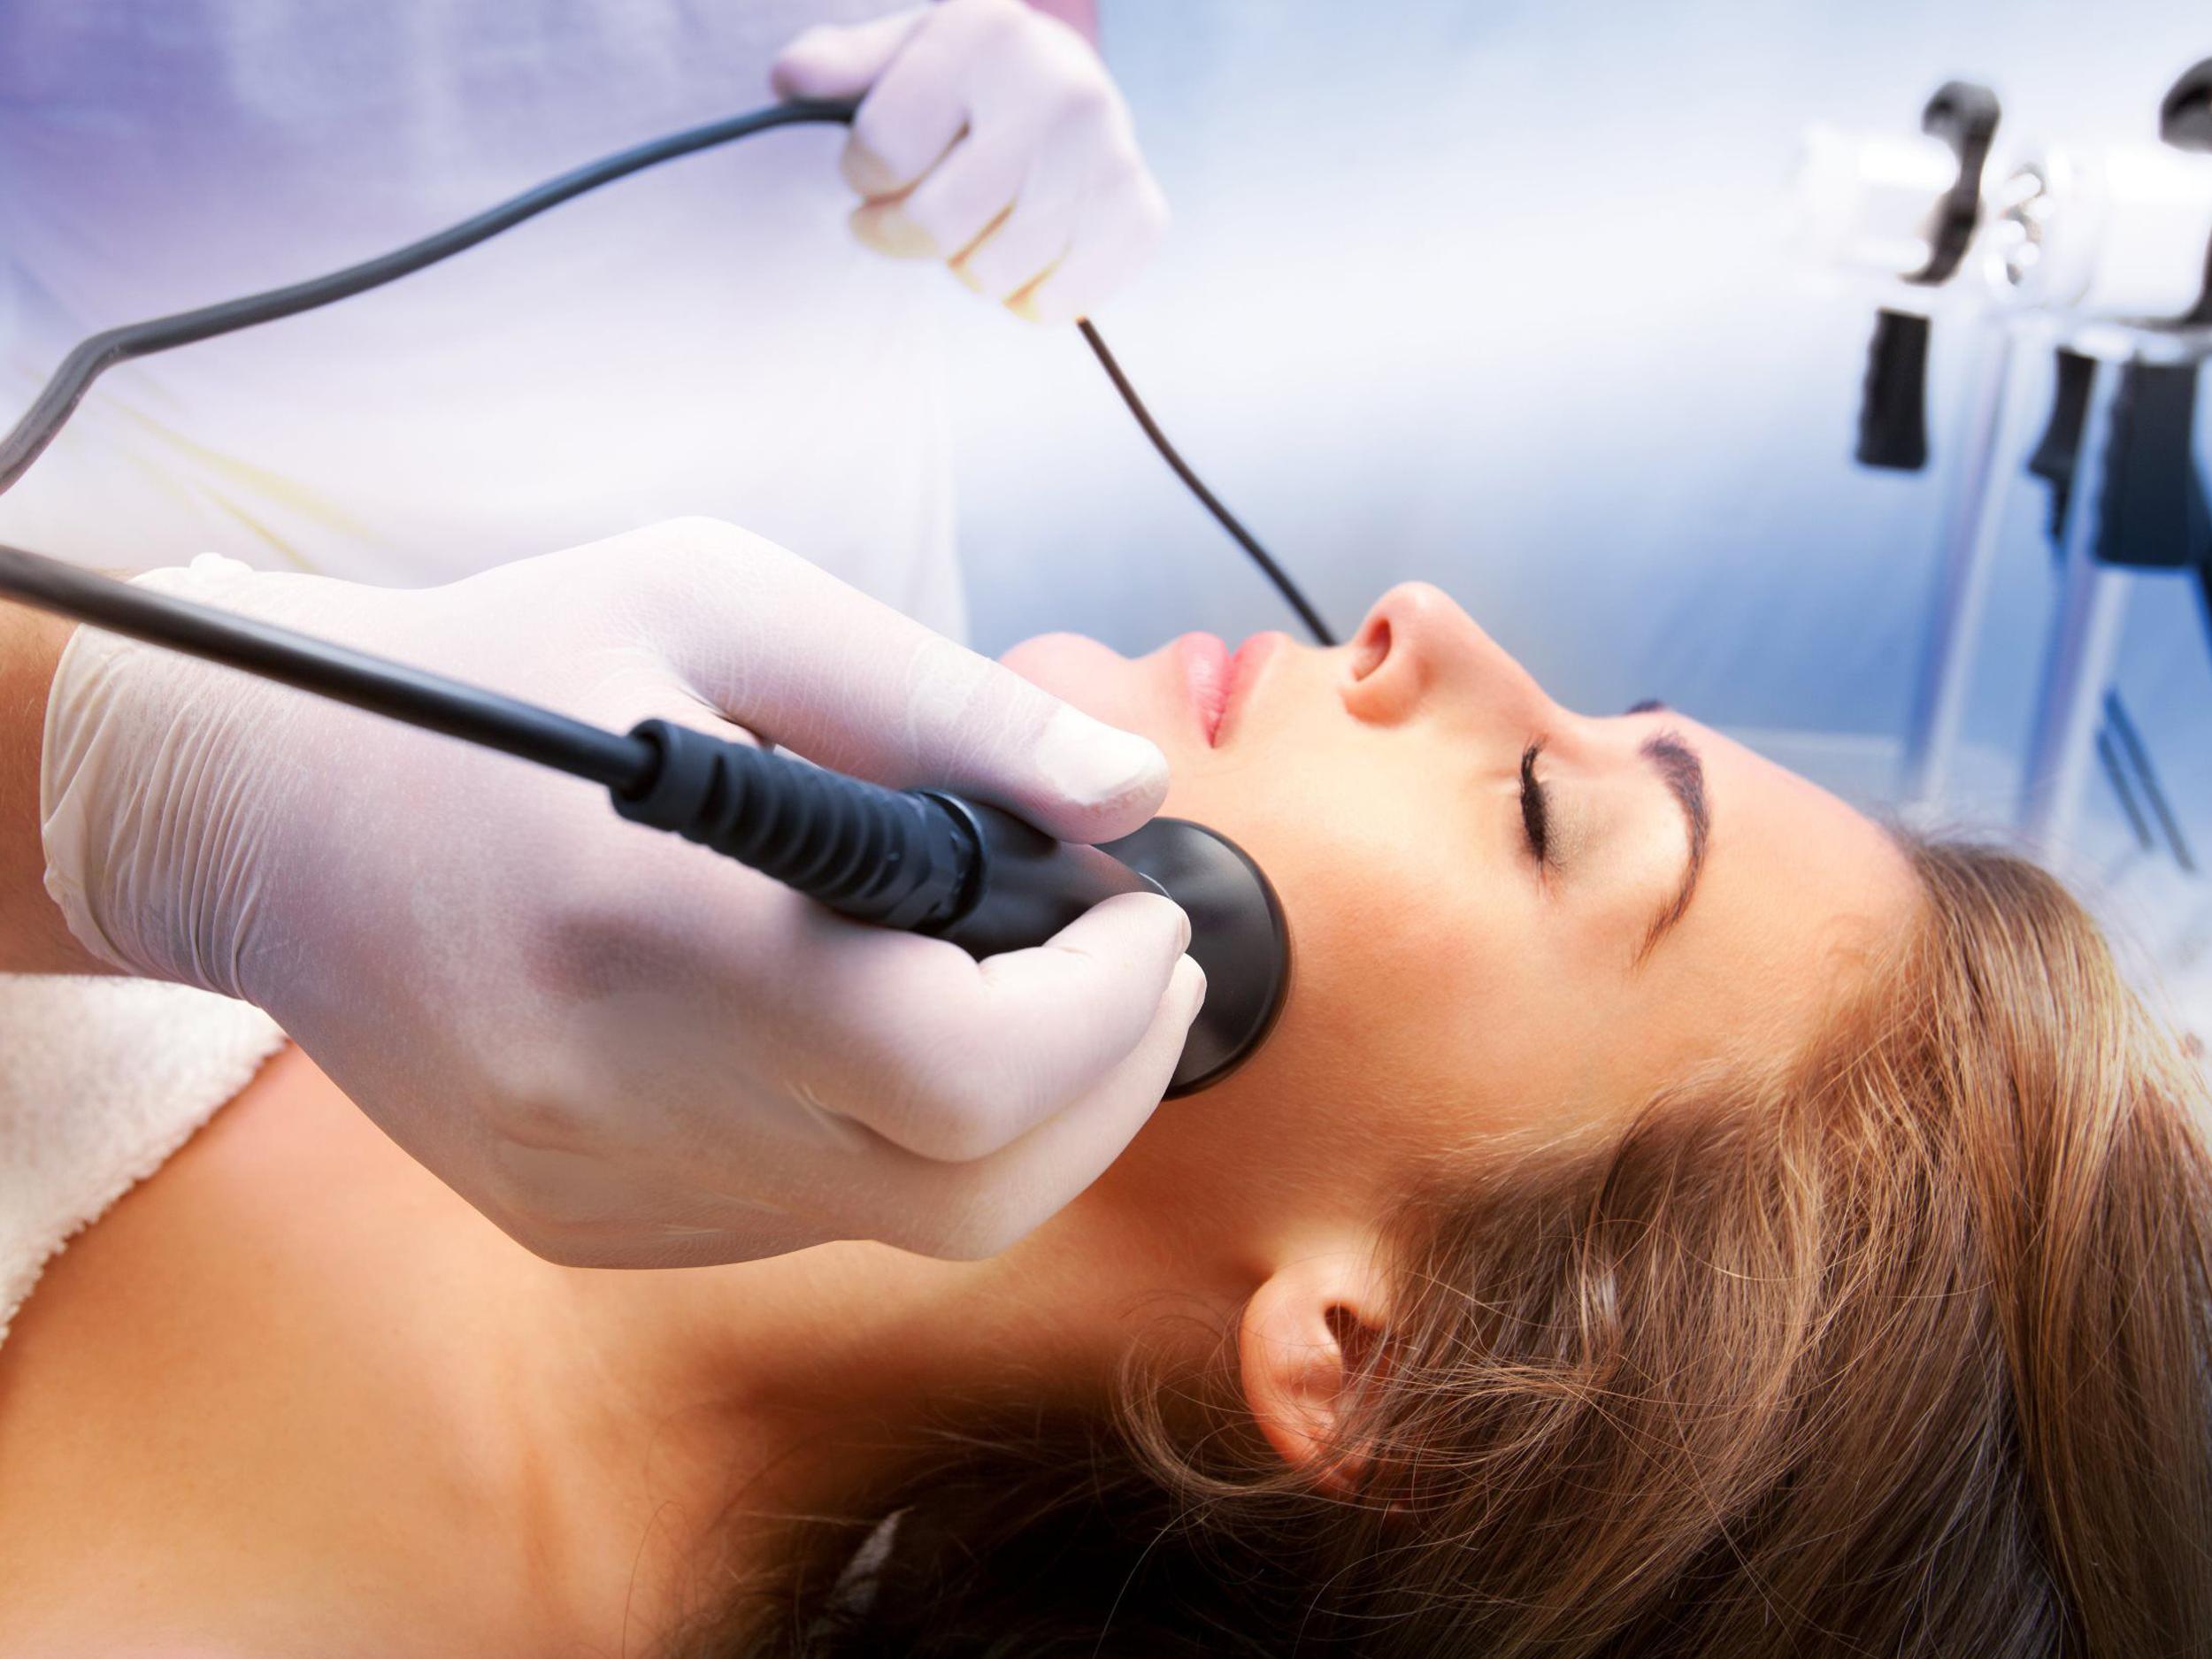 woman enjoying microdermabrasion